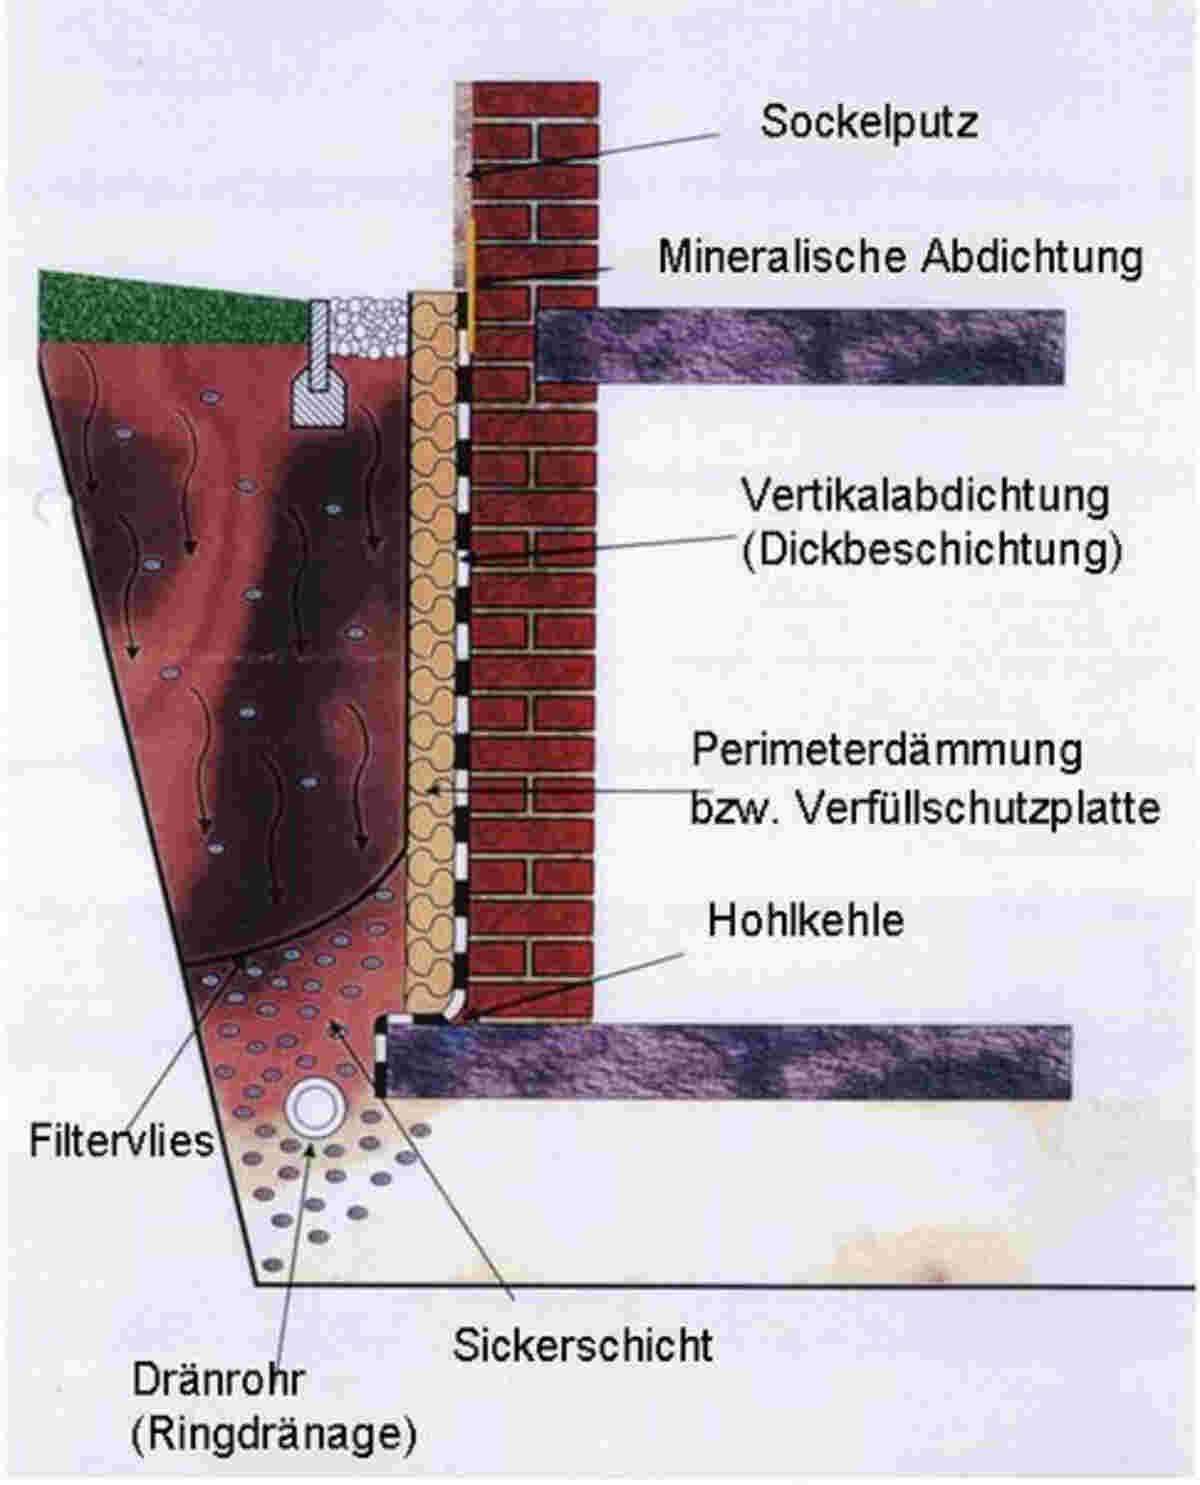 Mauerwerk trockenlegen durch Vertikalsperre